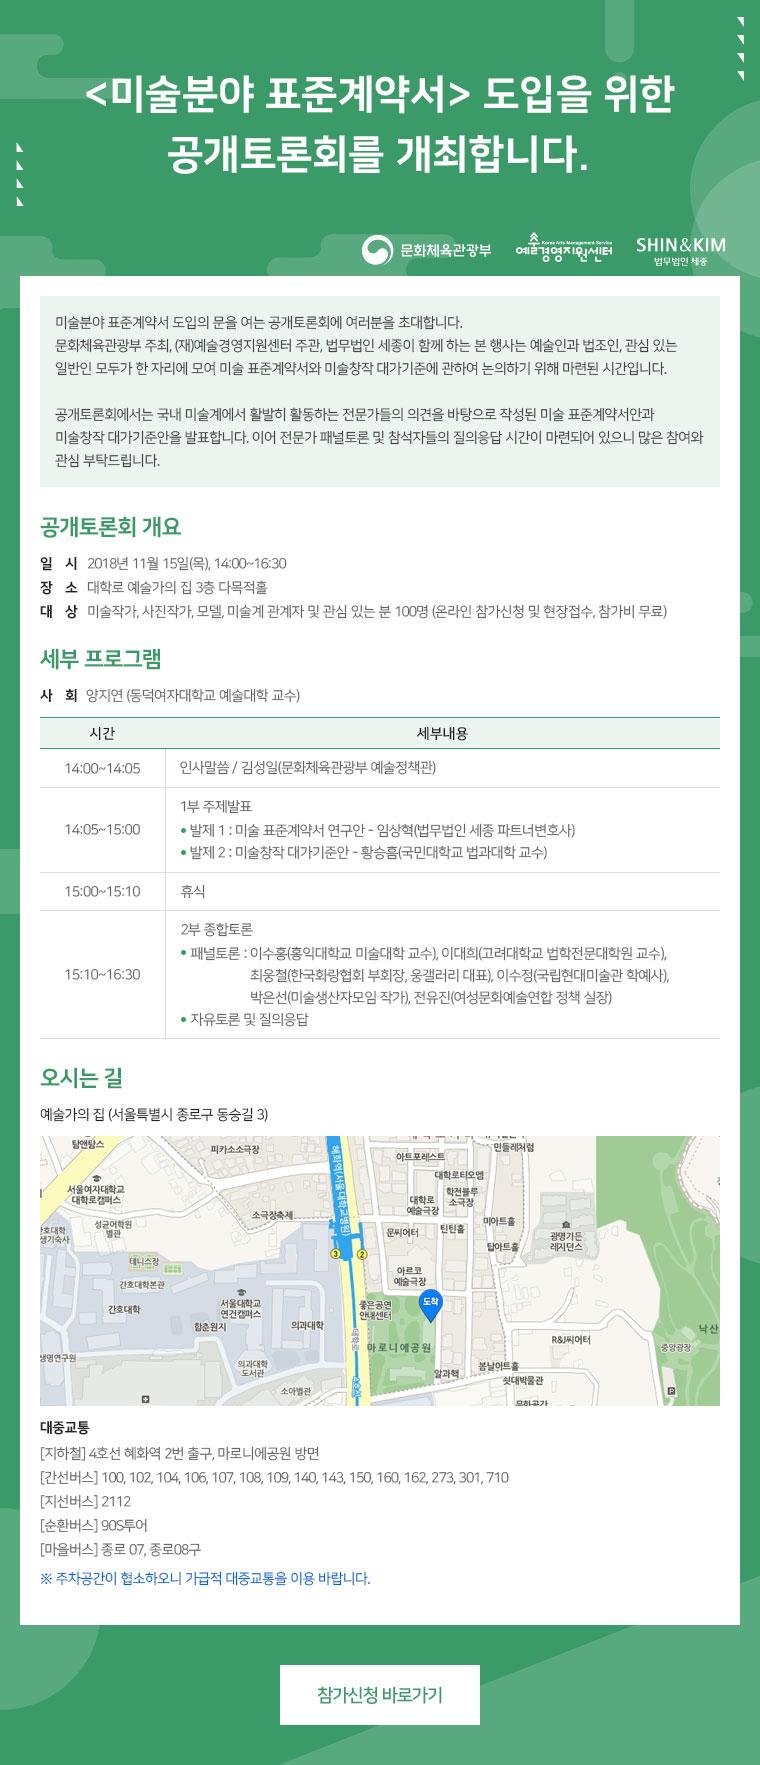 미술분야 표준계약서 도입을 위한 공개토론회 개최